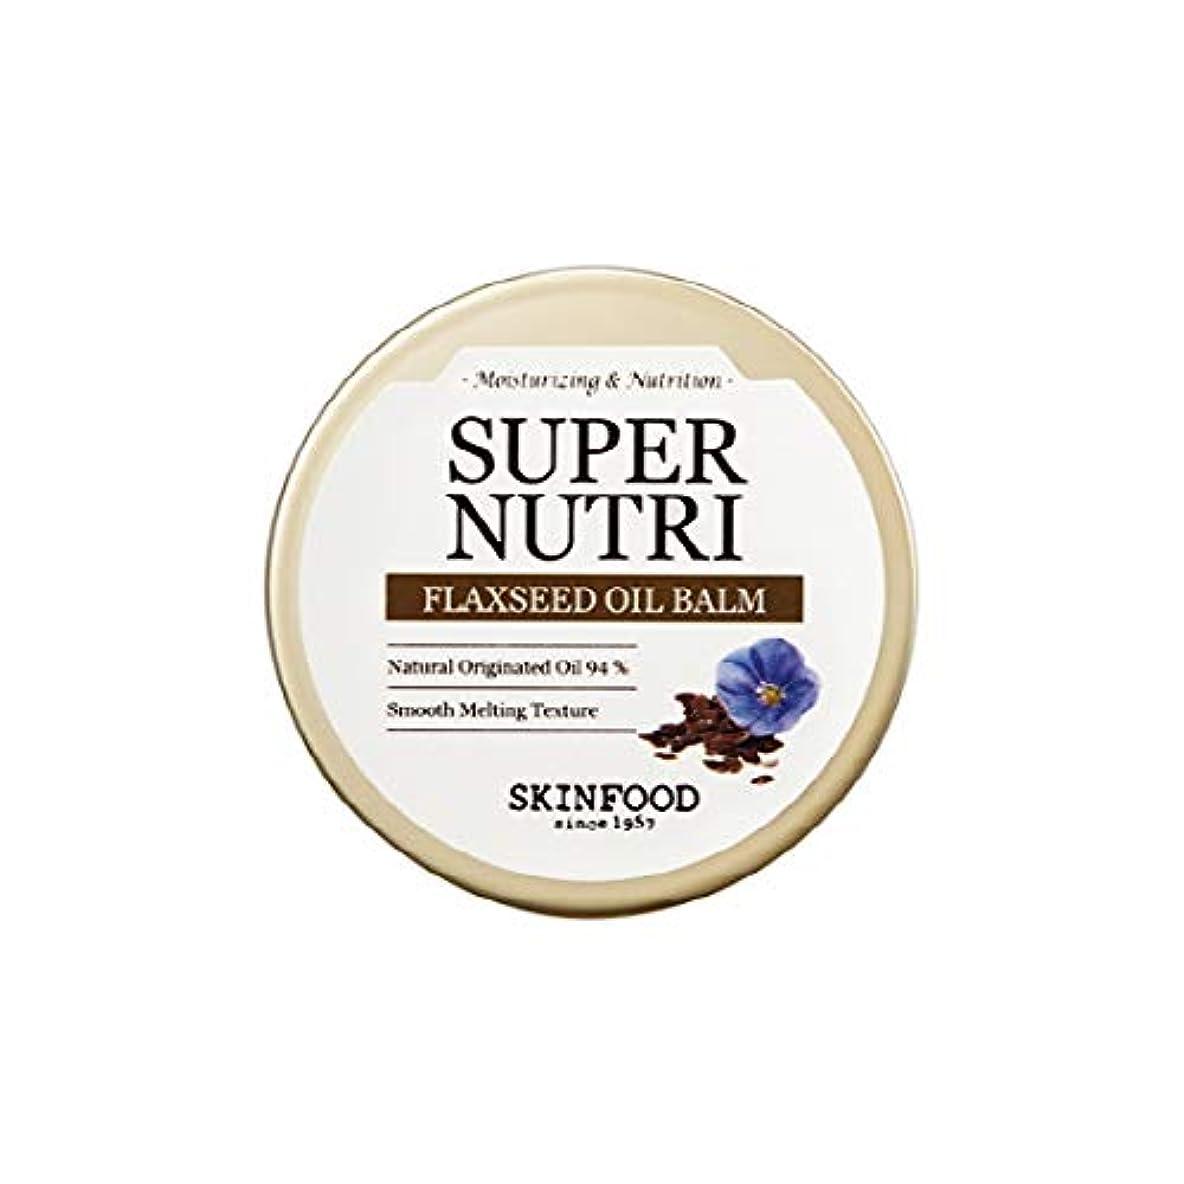 支援する感度受取人Skinfood スーパーニュートリフラックスシードオイルバーム/SUPER NUTRI FLAXSEED OIL BALM 20g [並行輸入品]